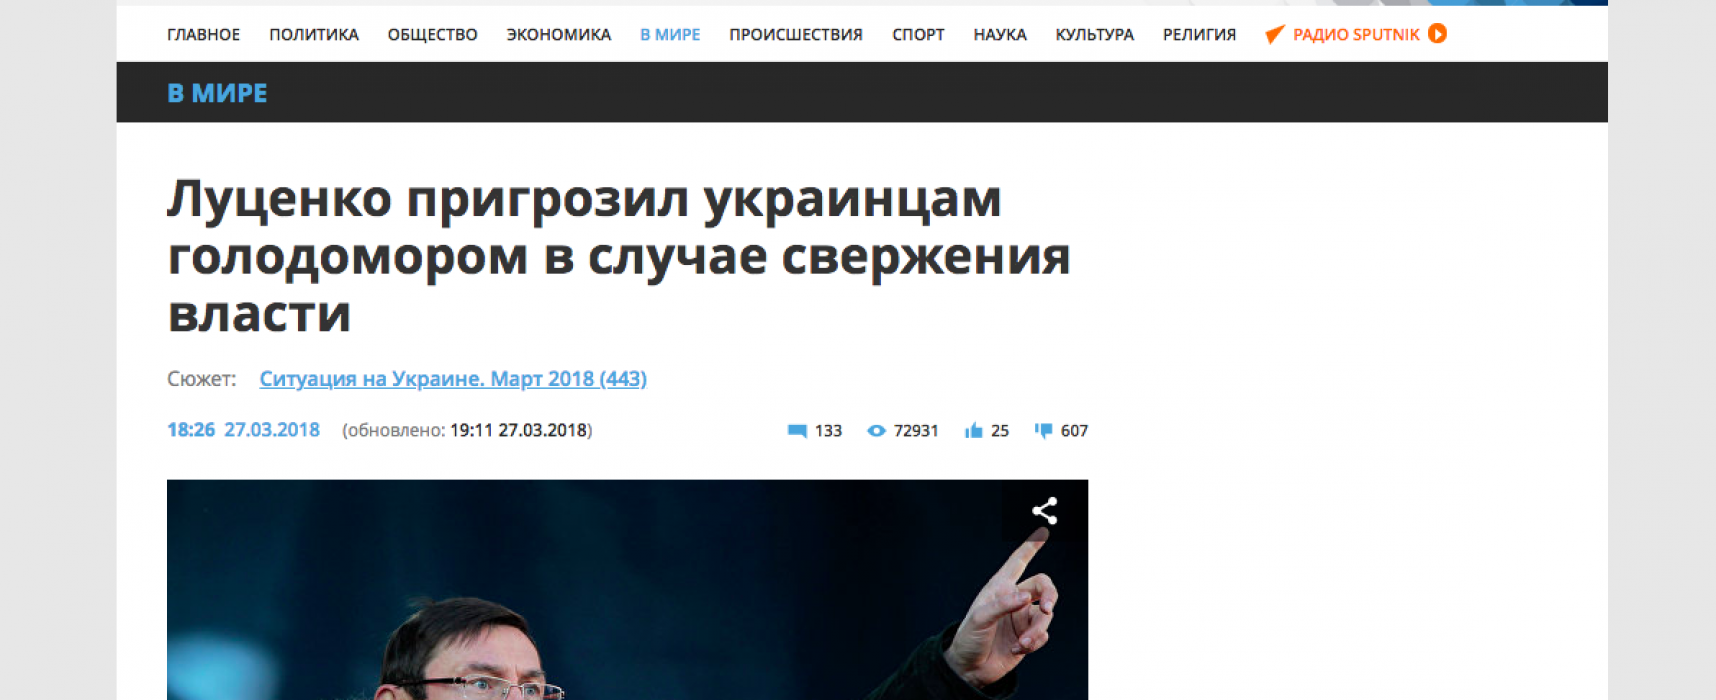 """Манипуляция: Луценко """"грозит украинцам Голодомором"""""""